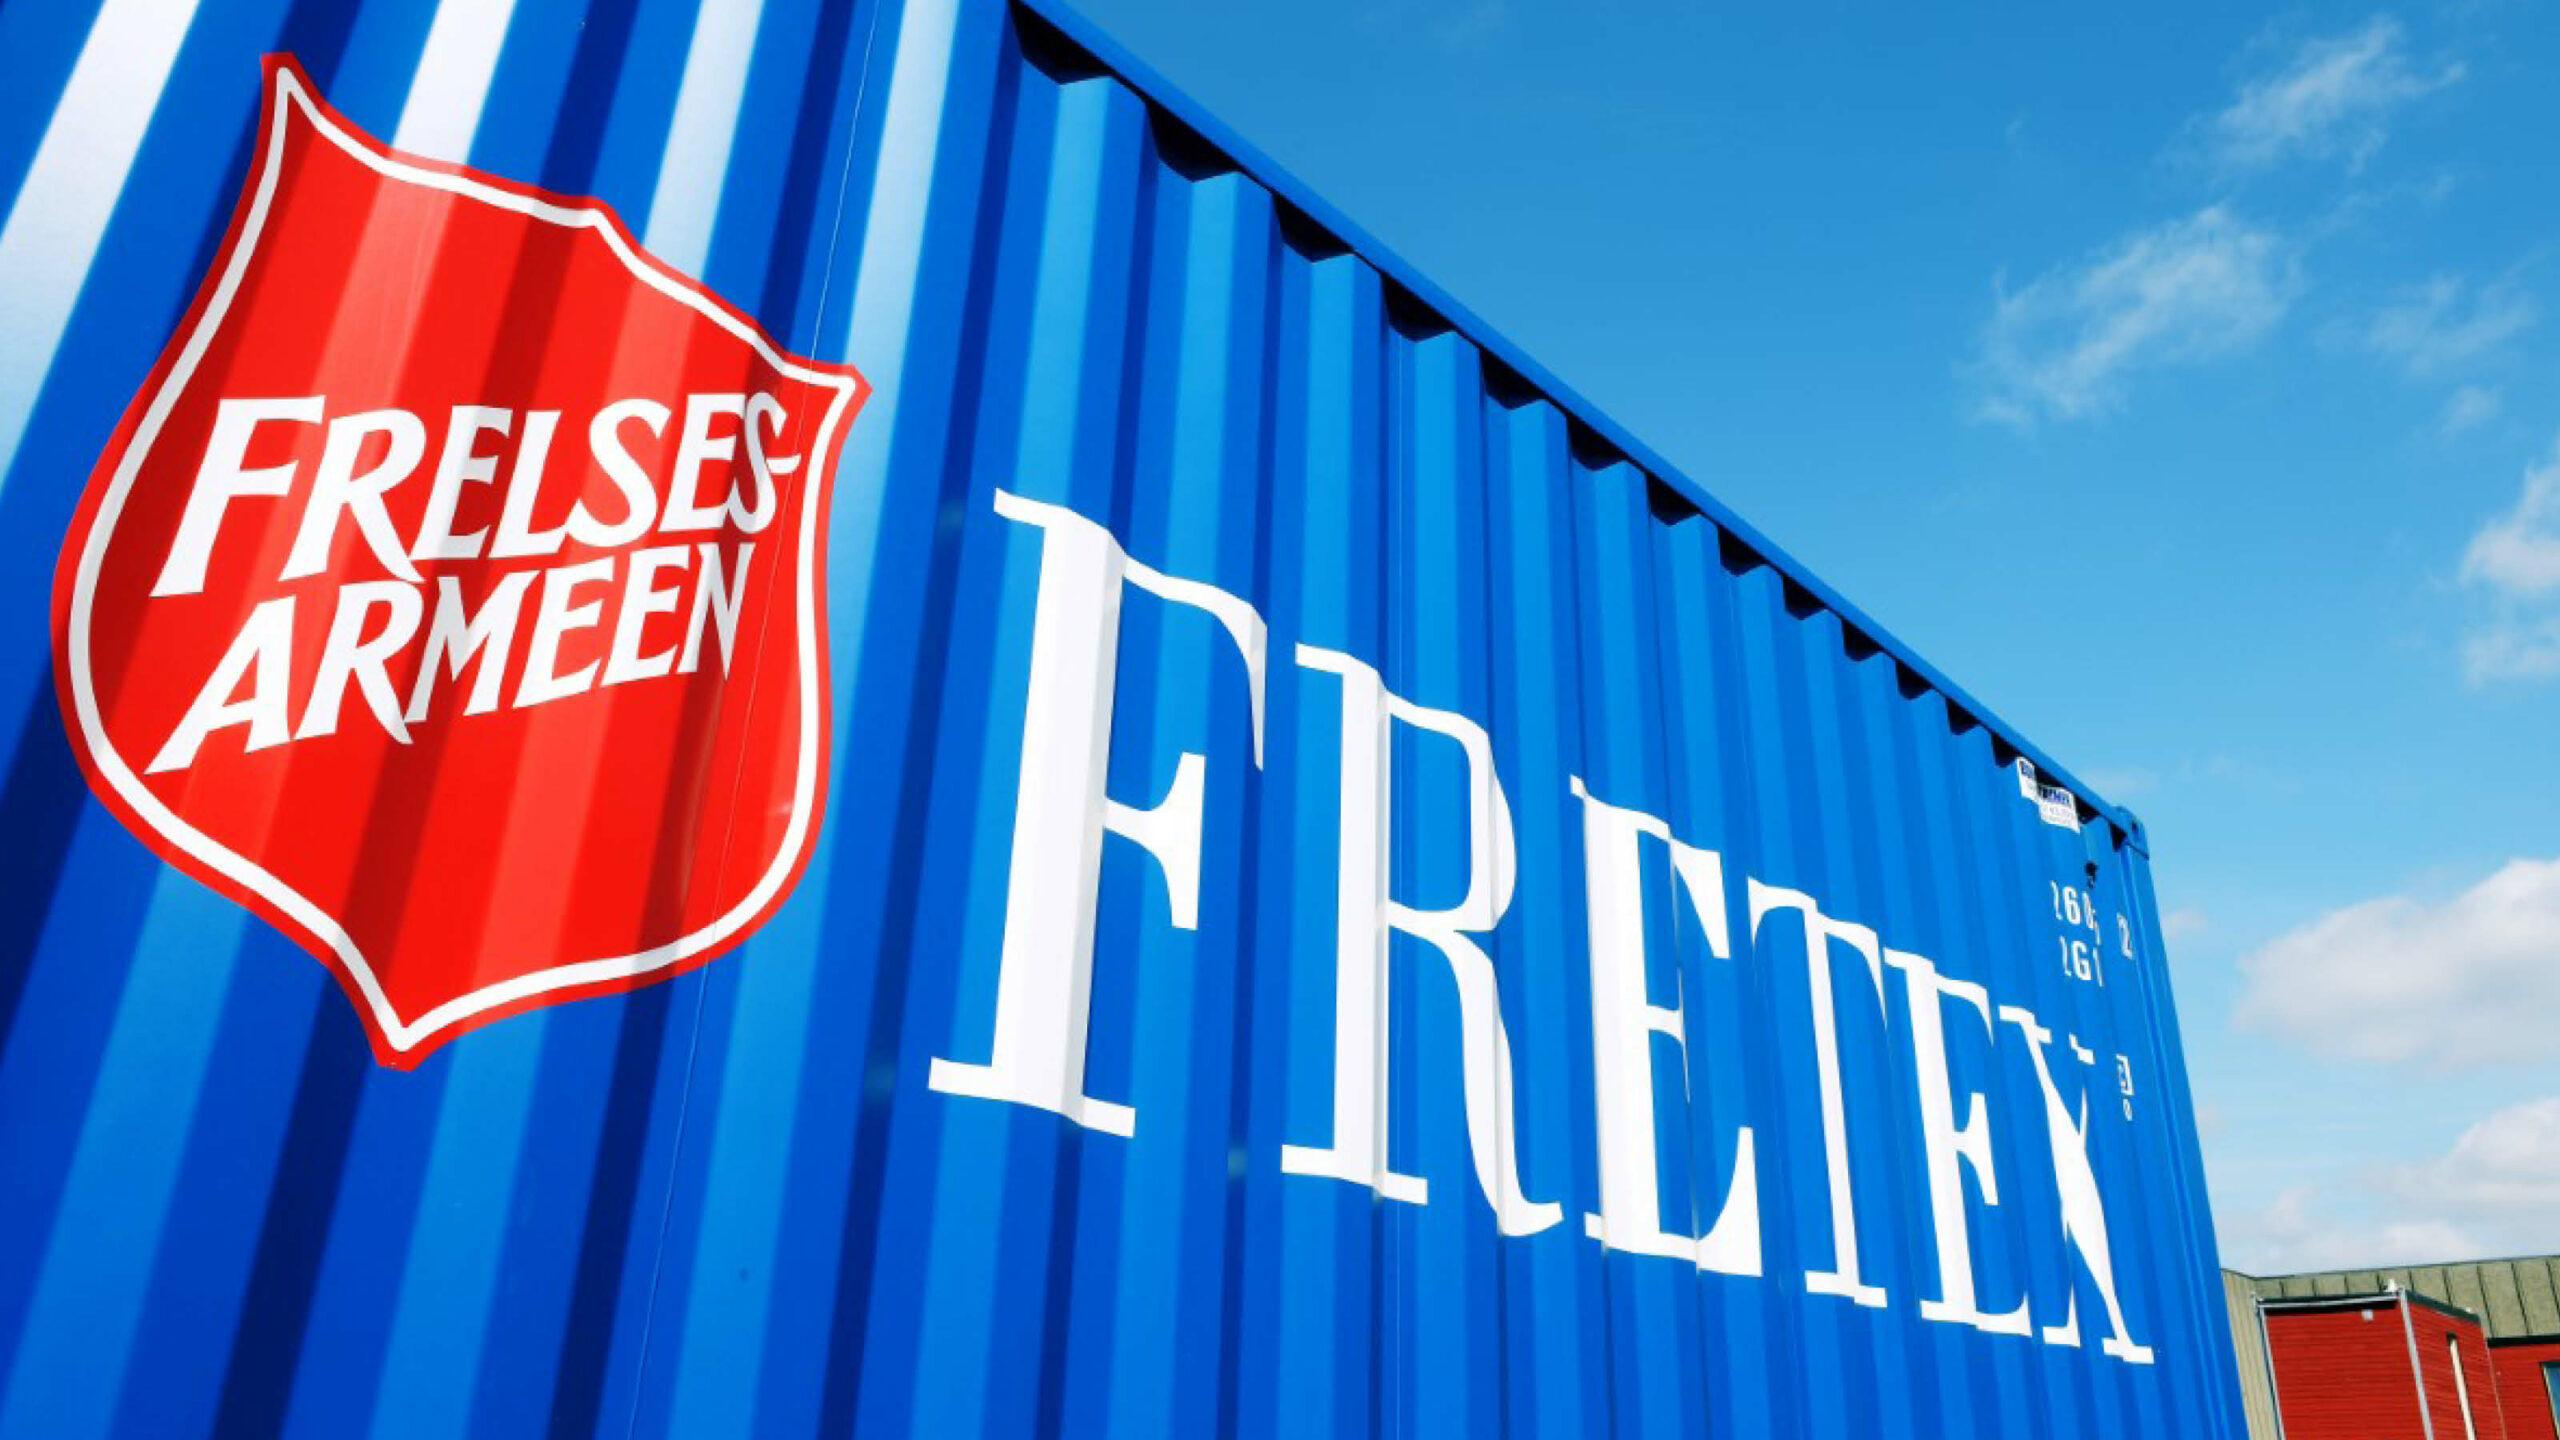 Fretex Container